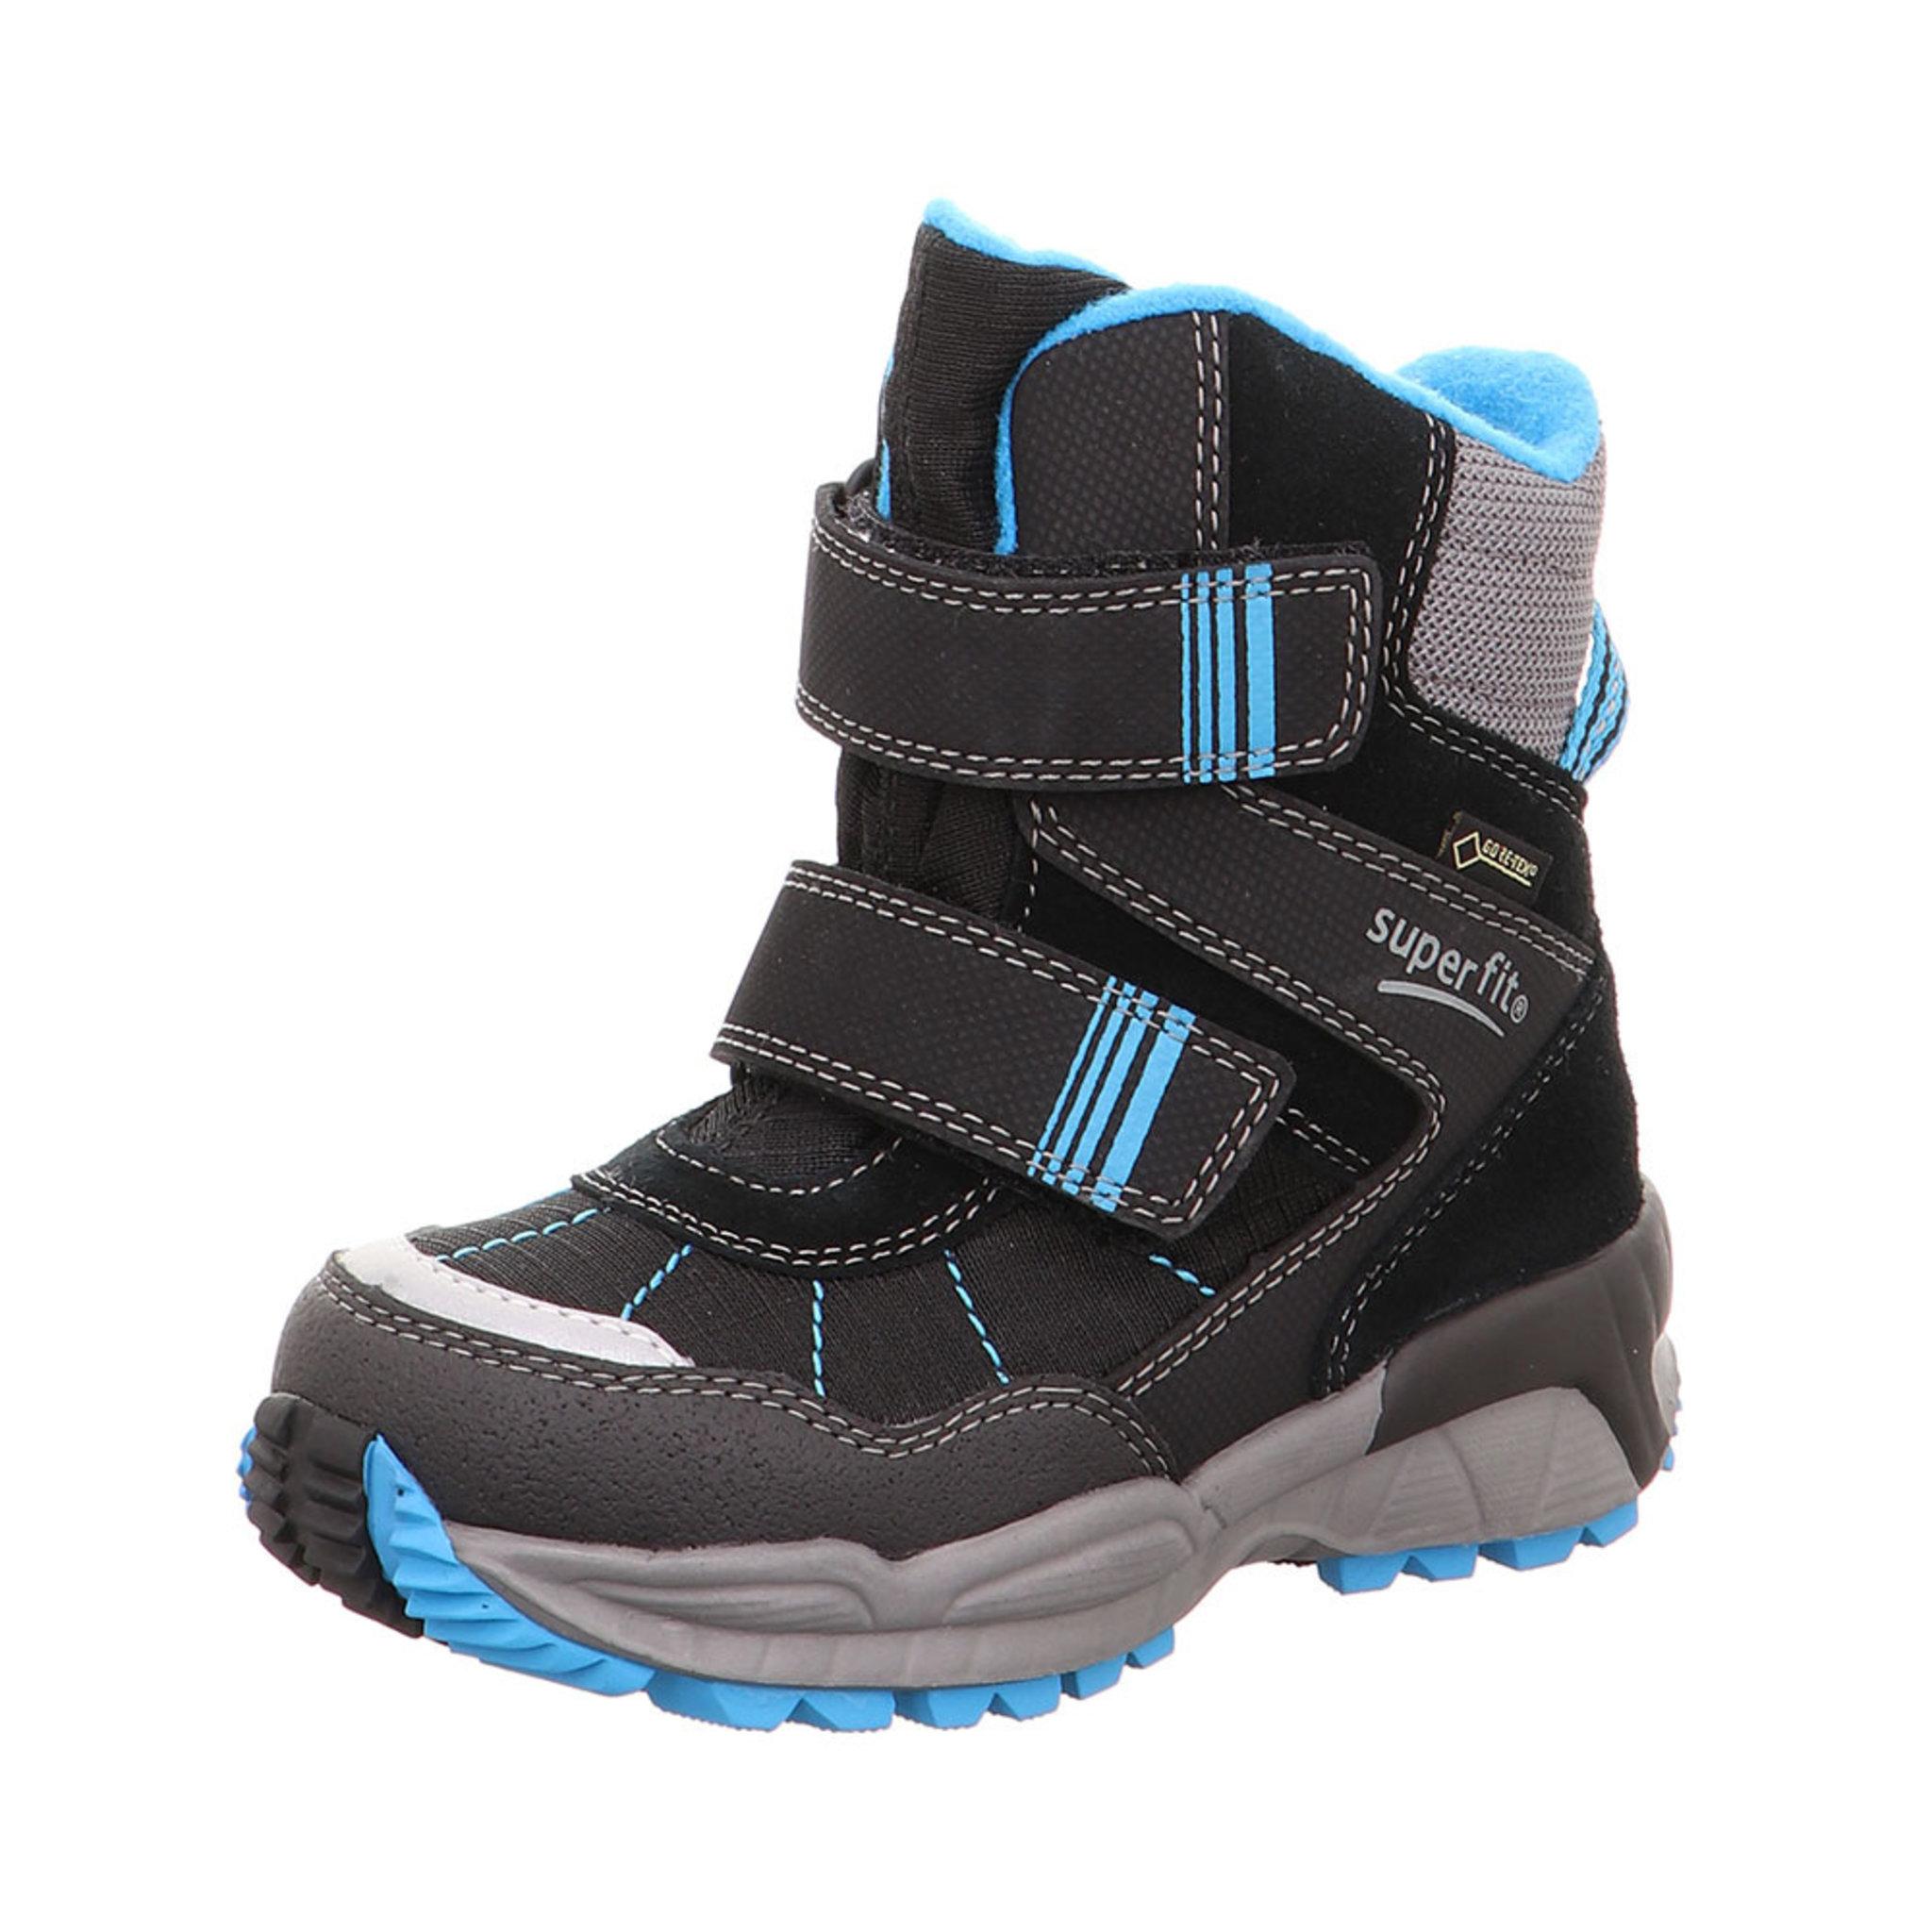 b202c3ee Culusuk Gore-Tex® - Accessoarer & skor - Köp online på åhlens.se!